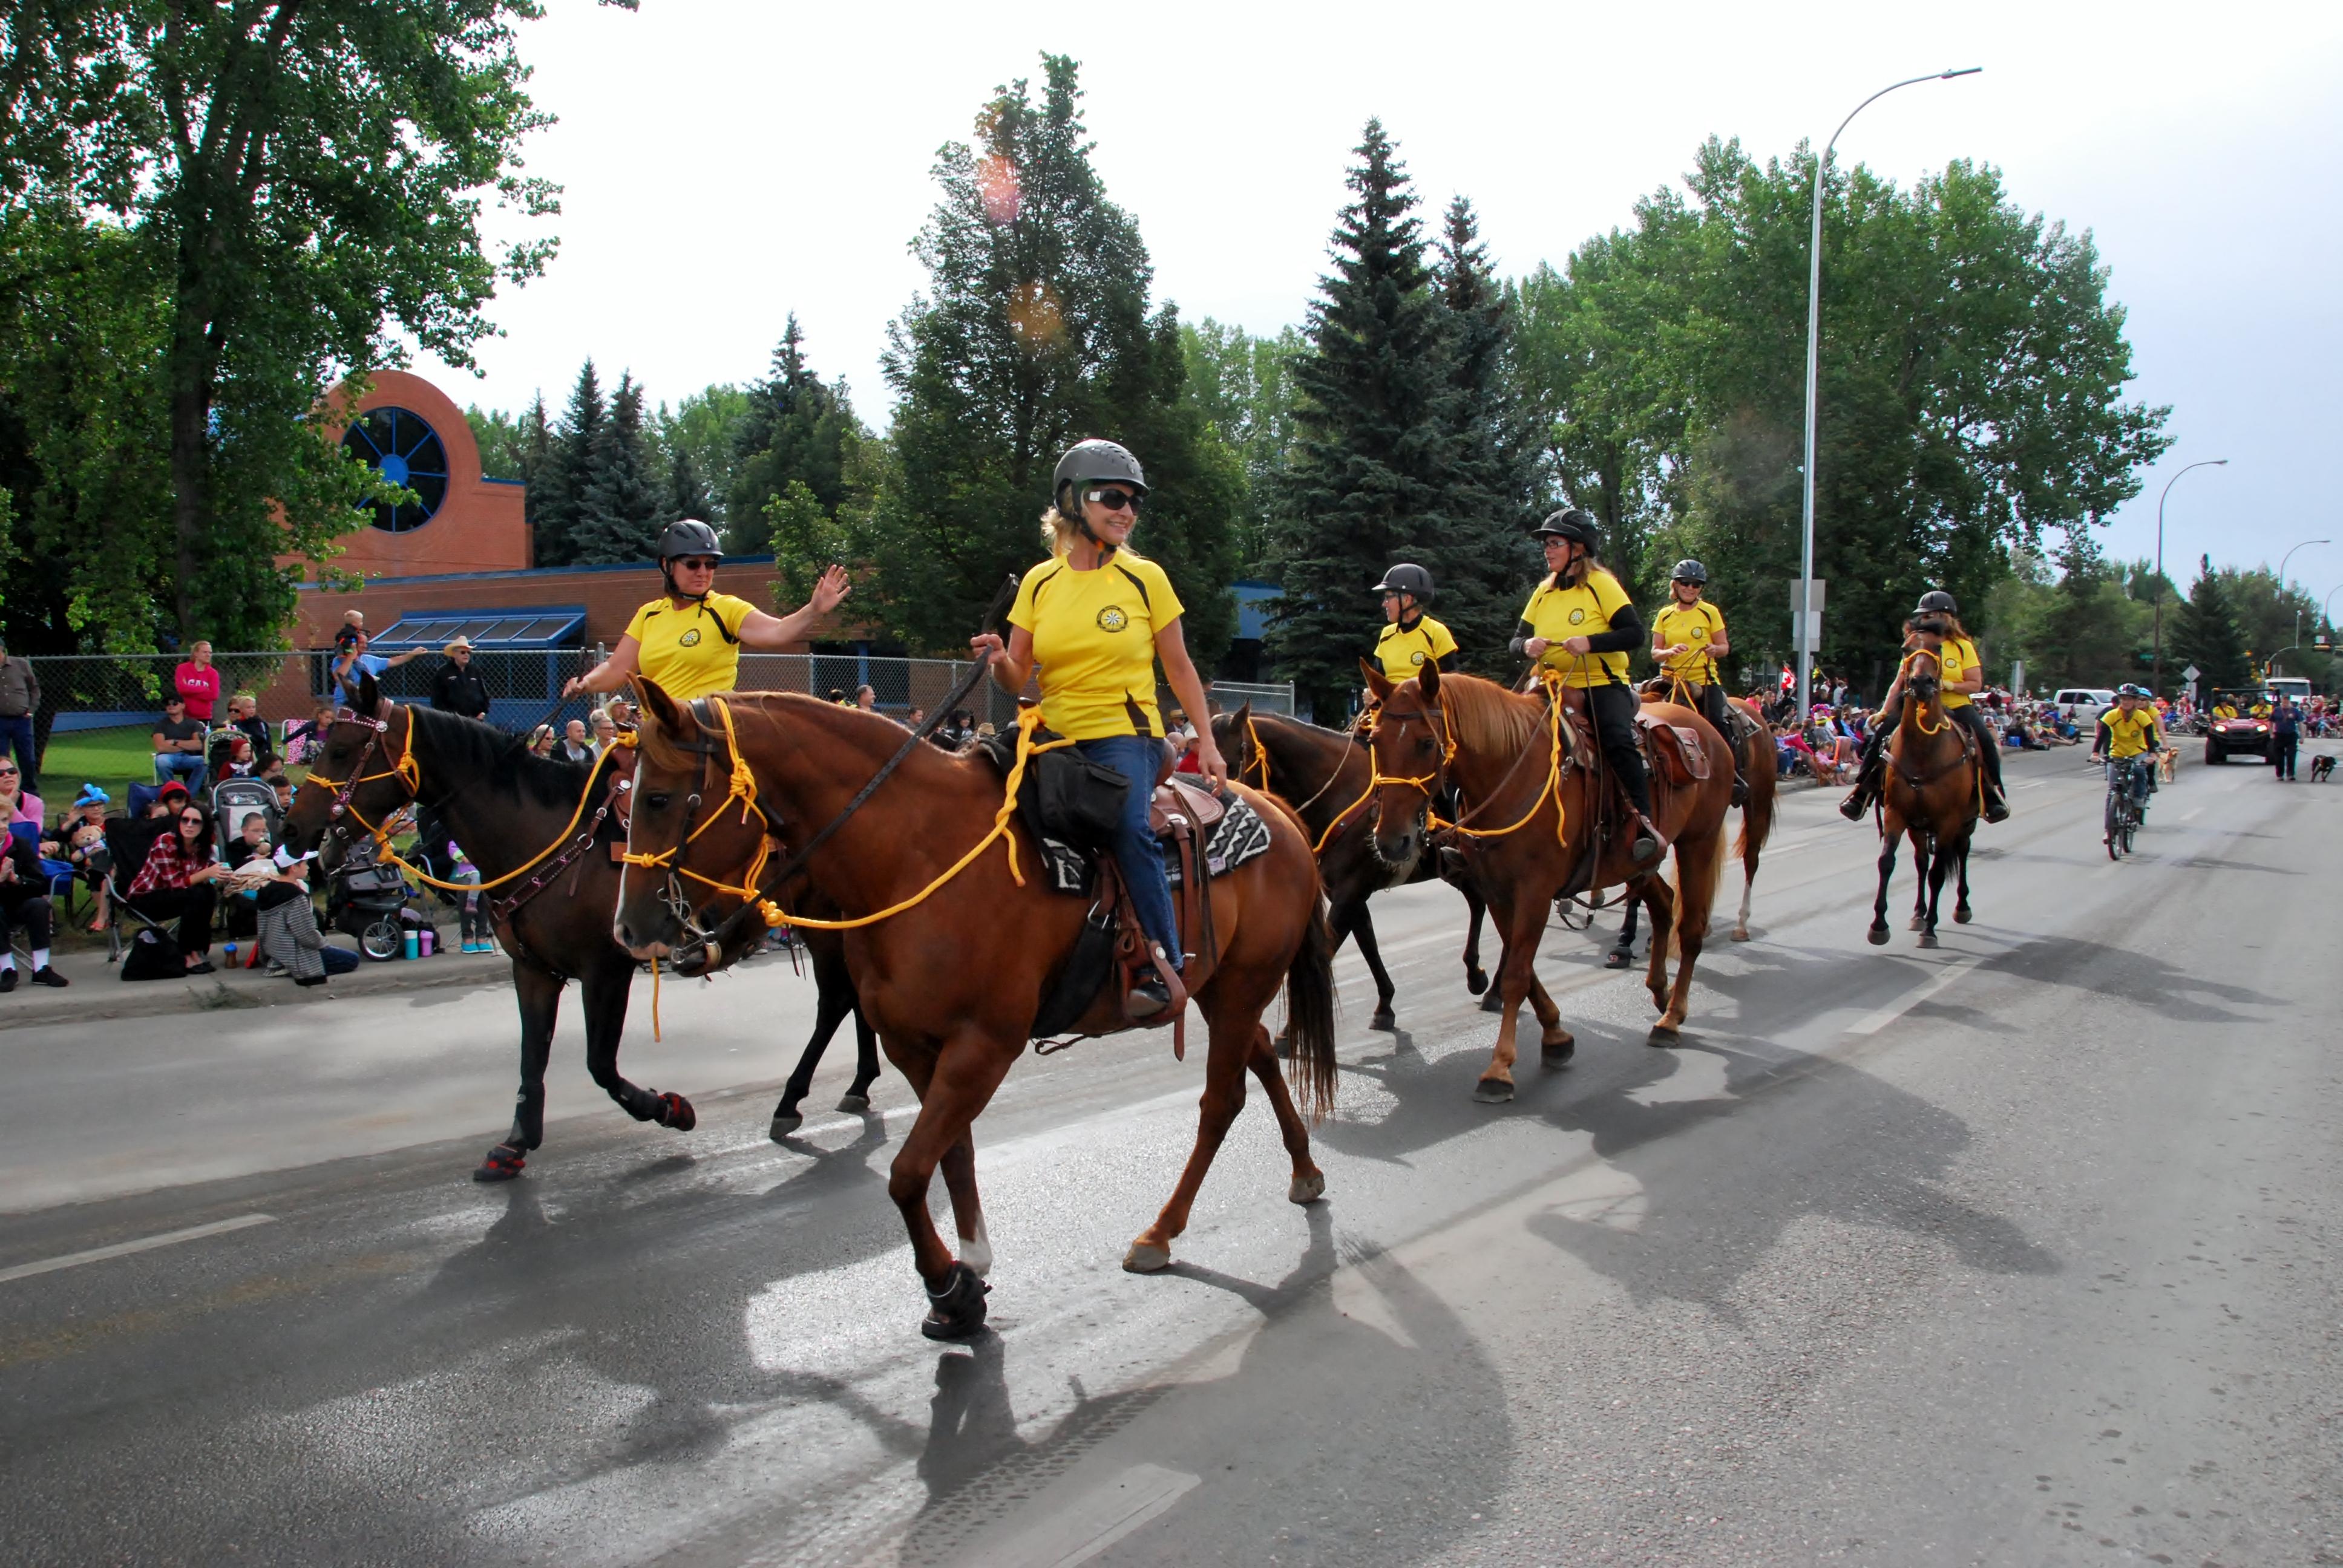 SAR at Stampede 2015 - Equine wave